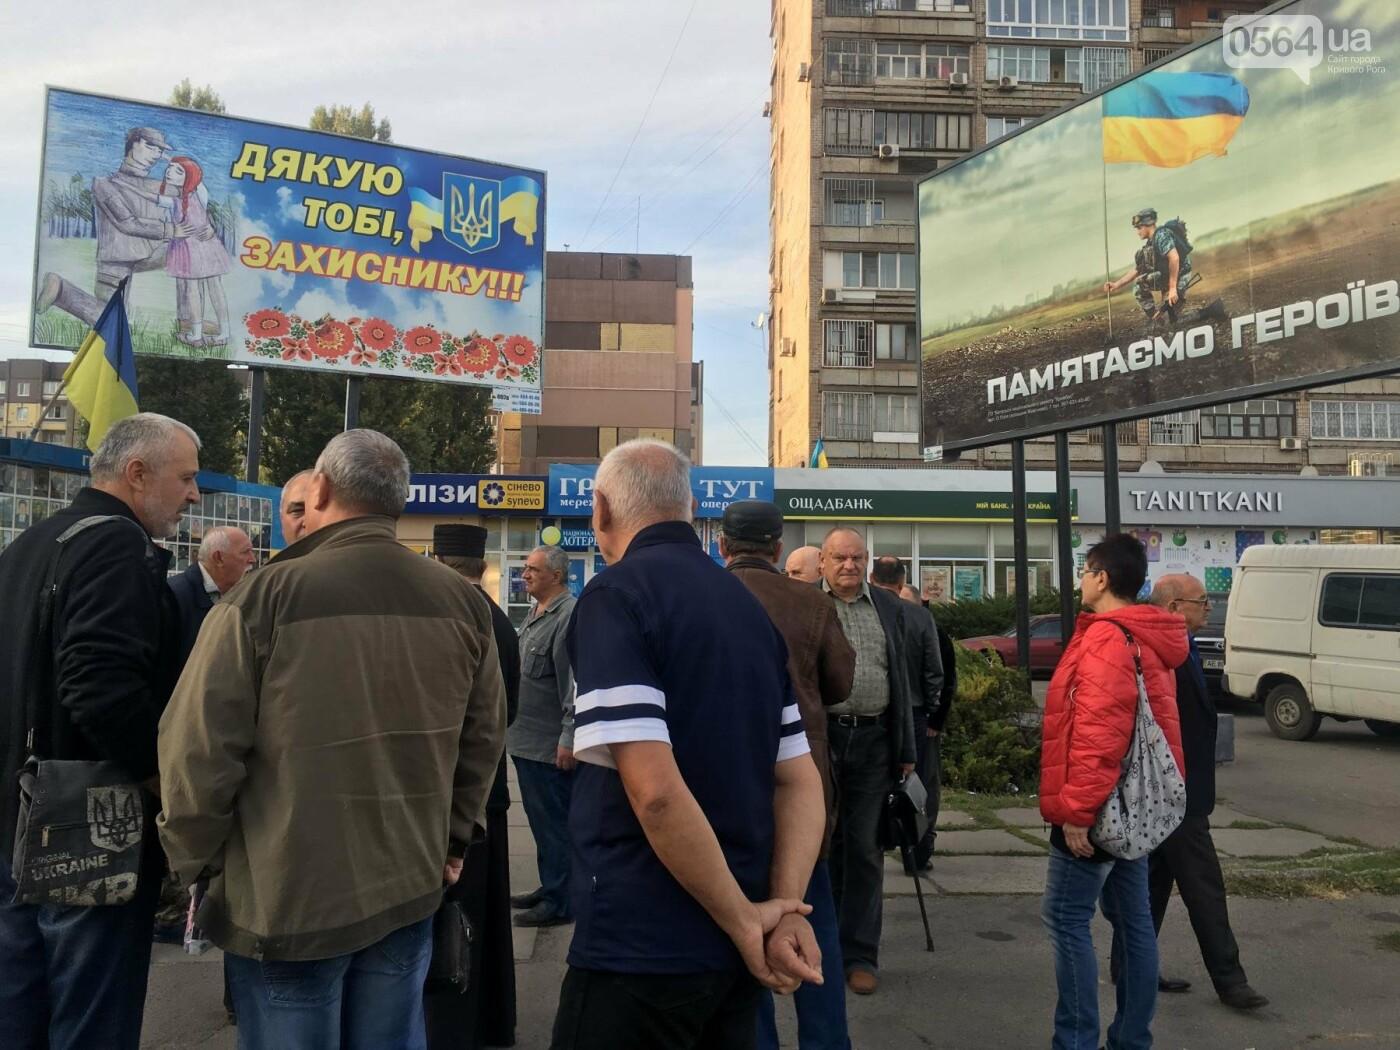 """""""Народ обнищал, отчаялся и никому не верит"""": Криворожане вышли митинг в поддержку политреформы  (ФОТО), фото-2"""